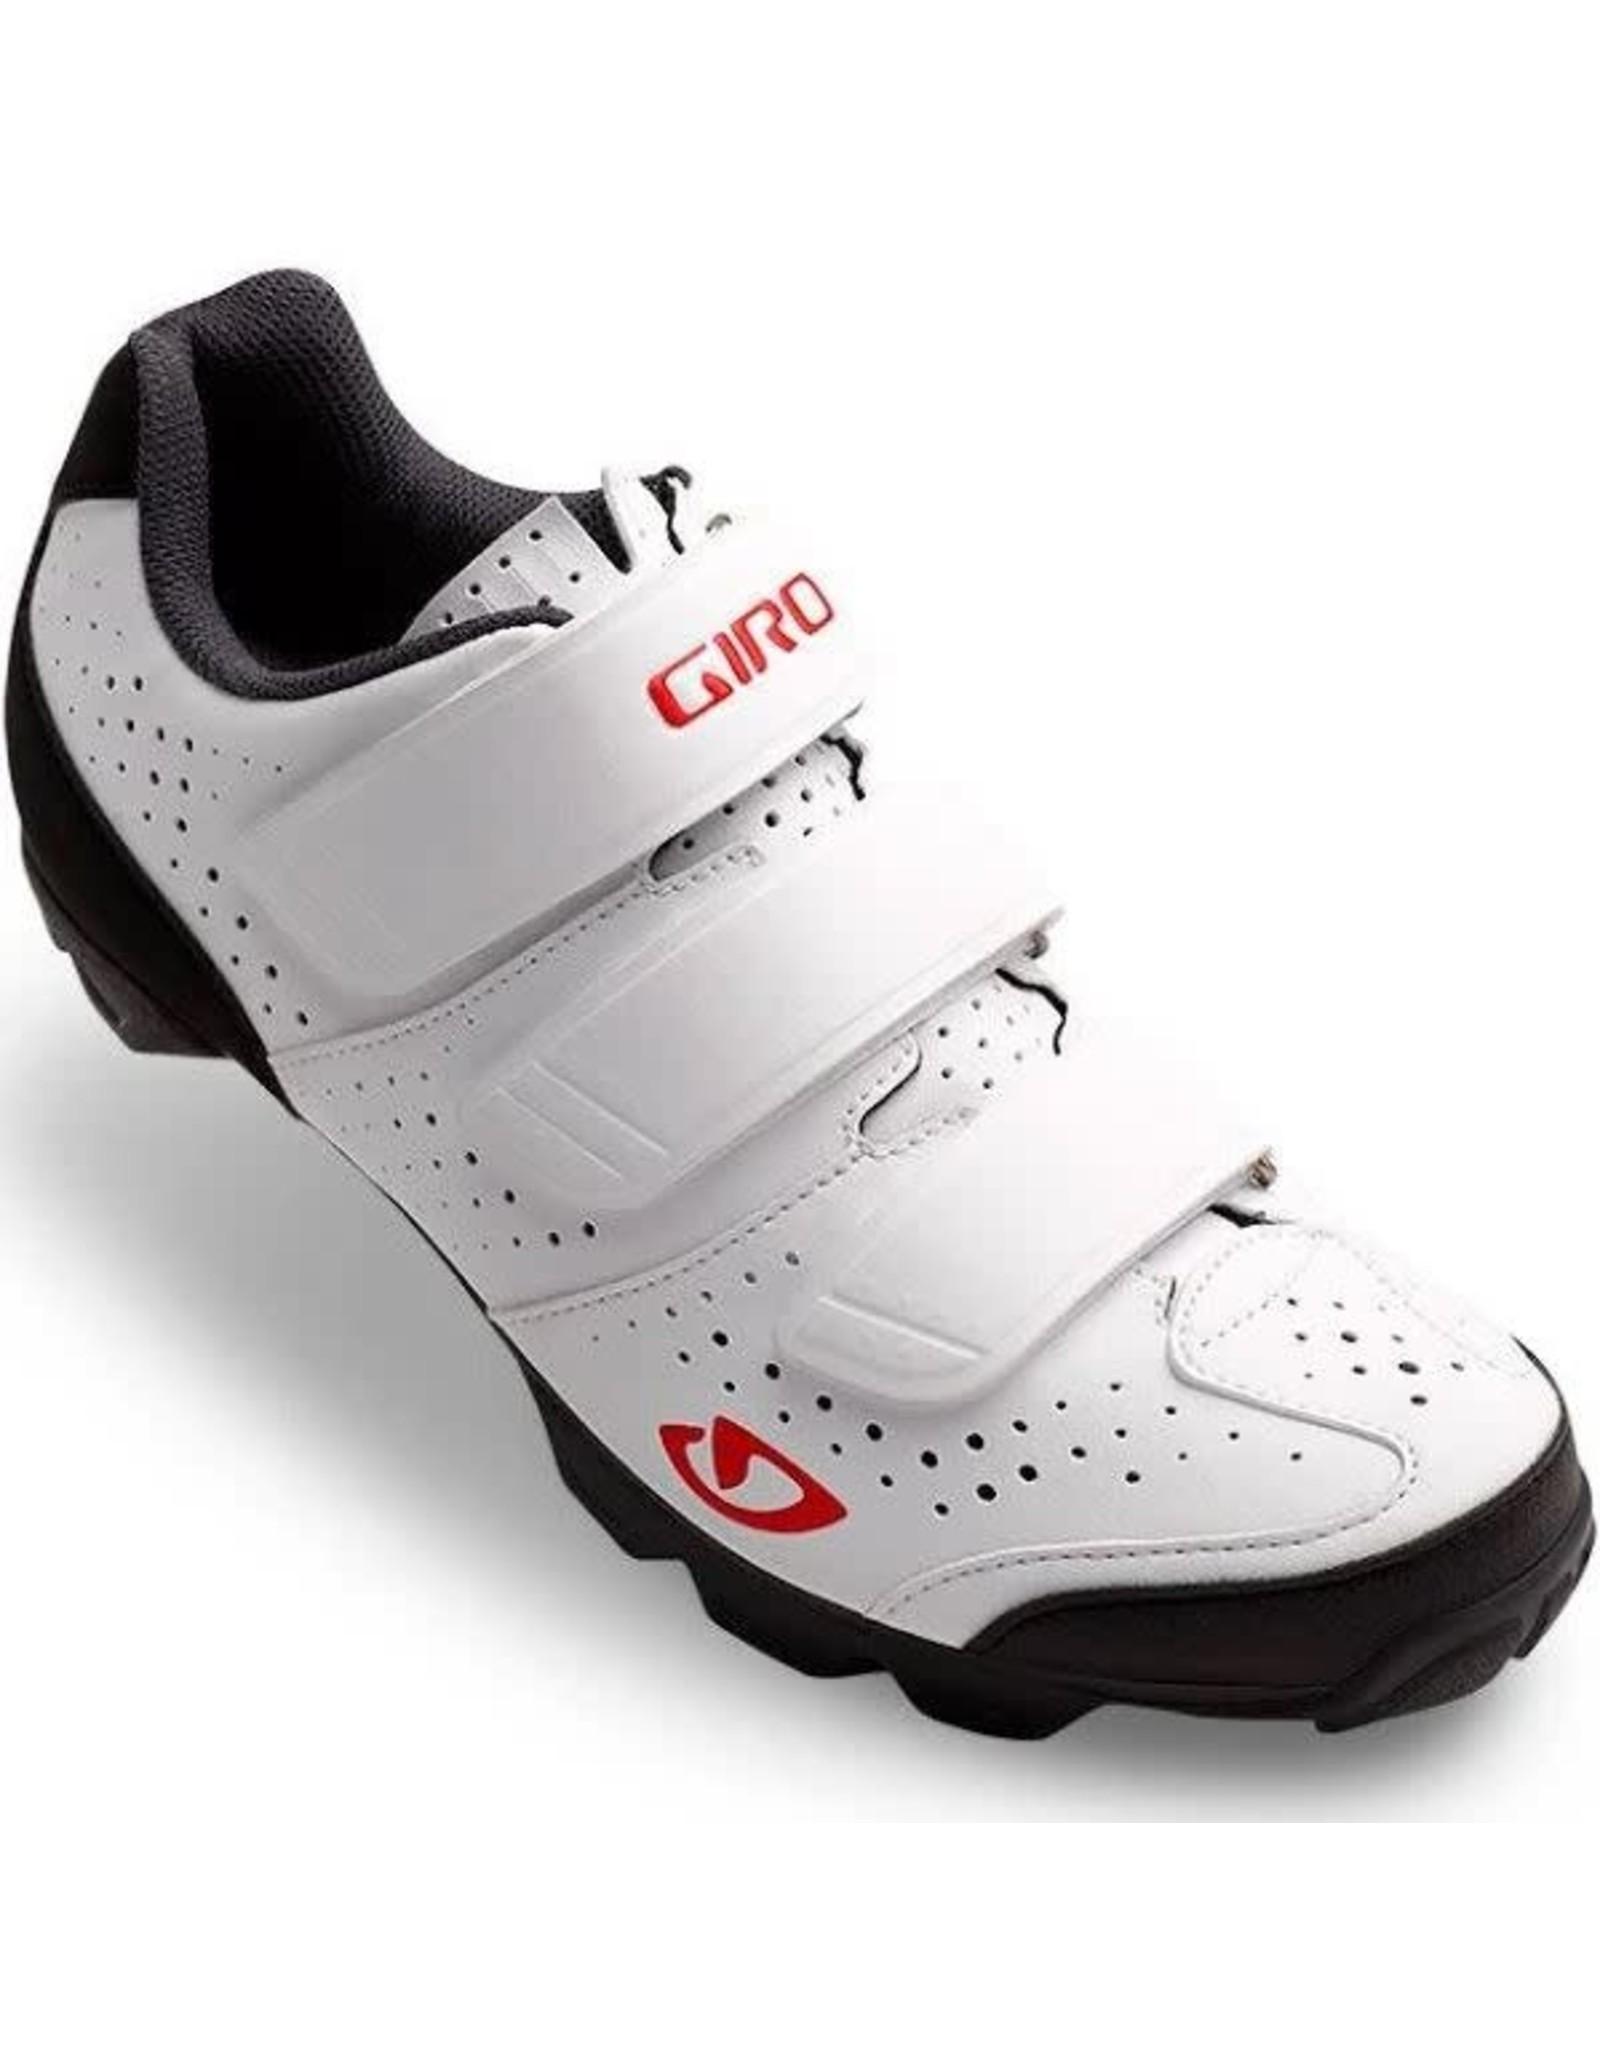 Giro Women's Giro Riela R Shoe